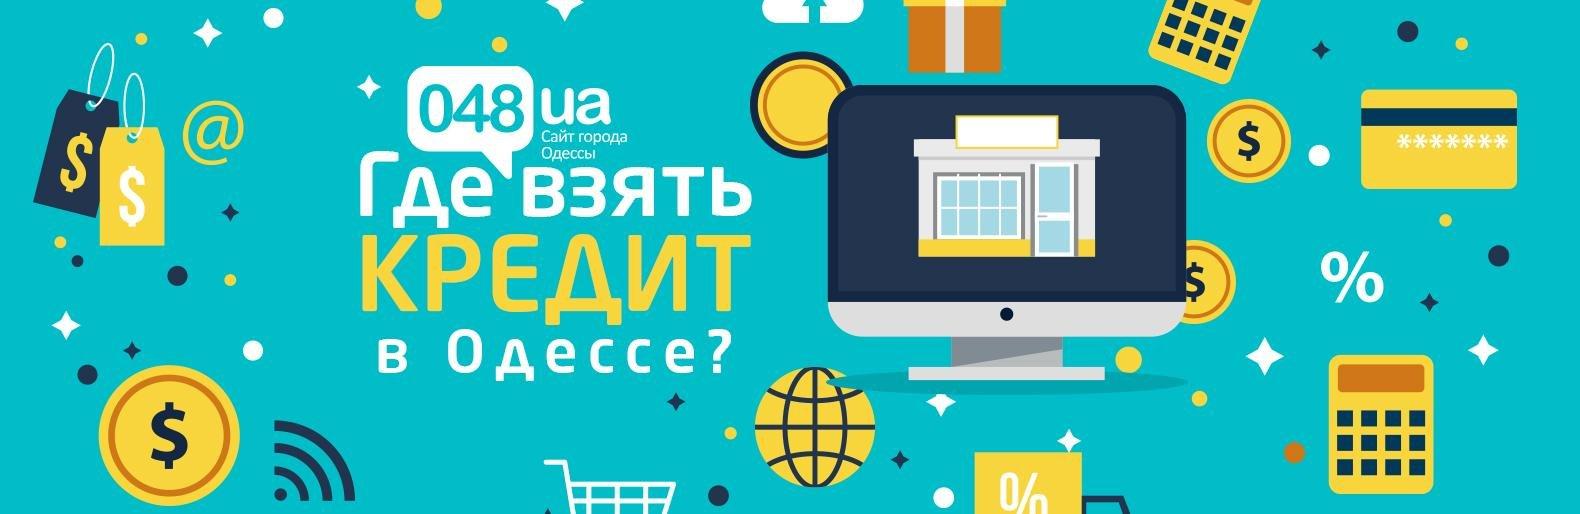 оформить кредит через интернет vam-groshi.com.ua срок давности судебного иска по кредиту